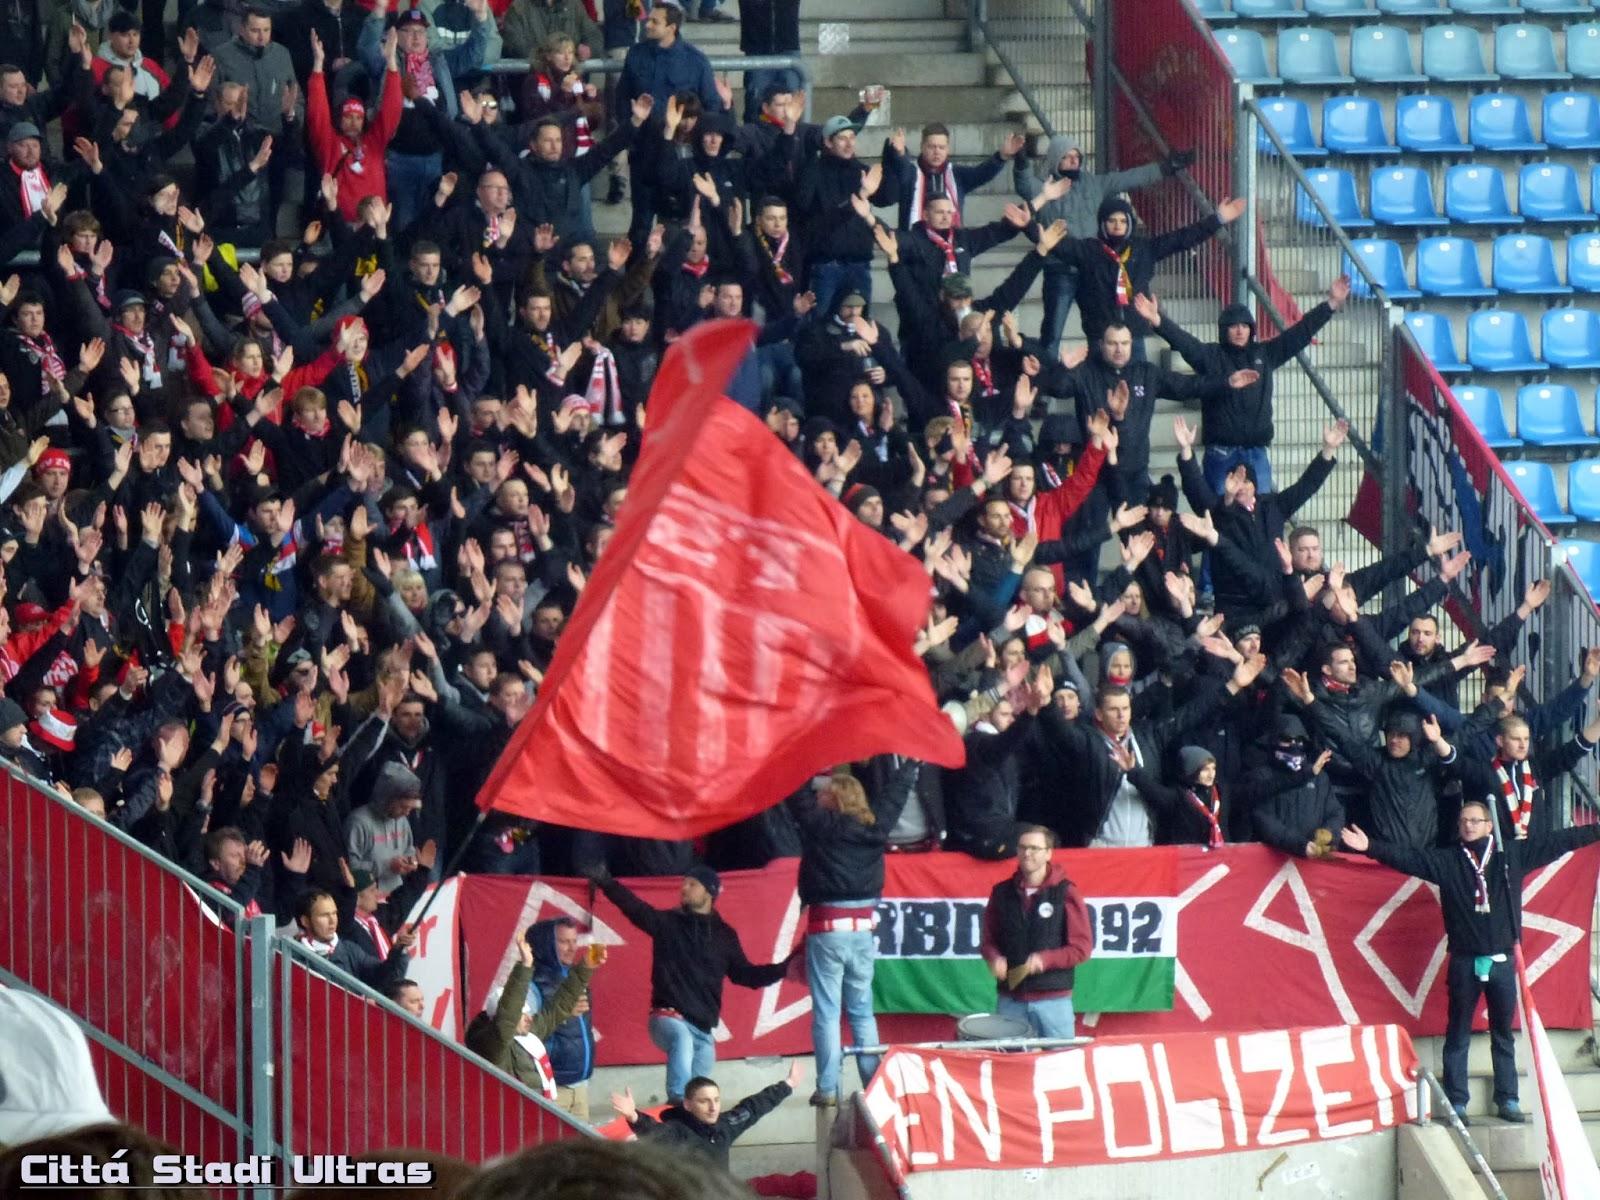 Zwickau Ultras